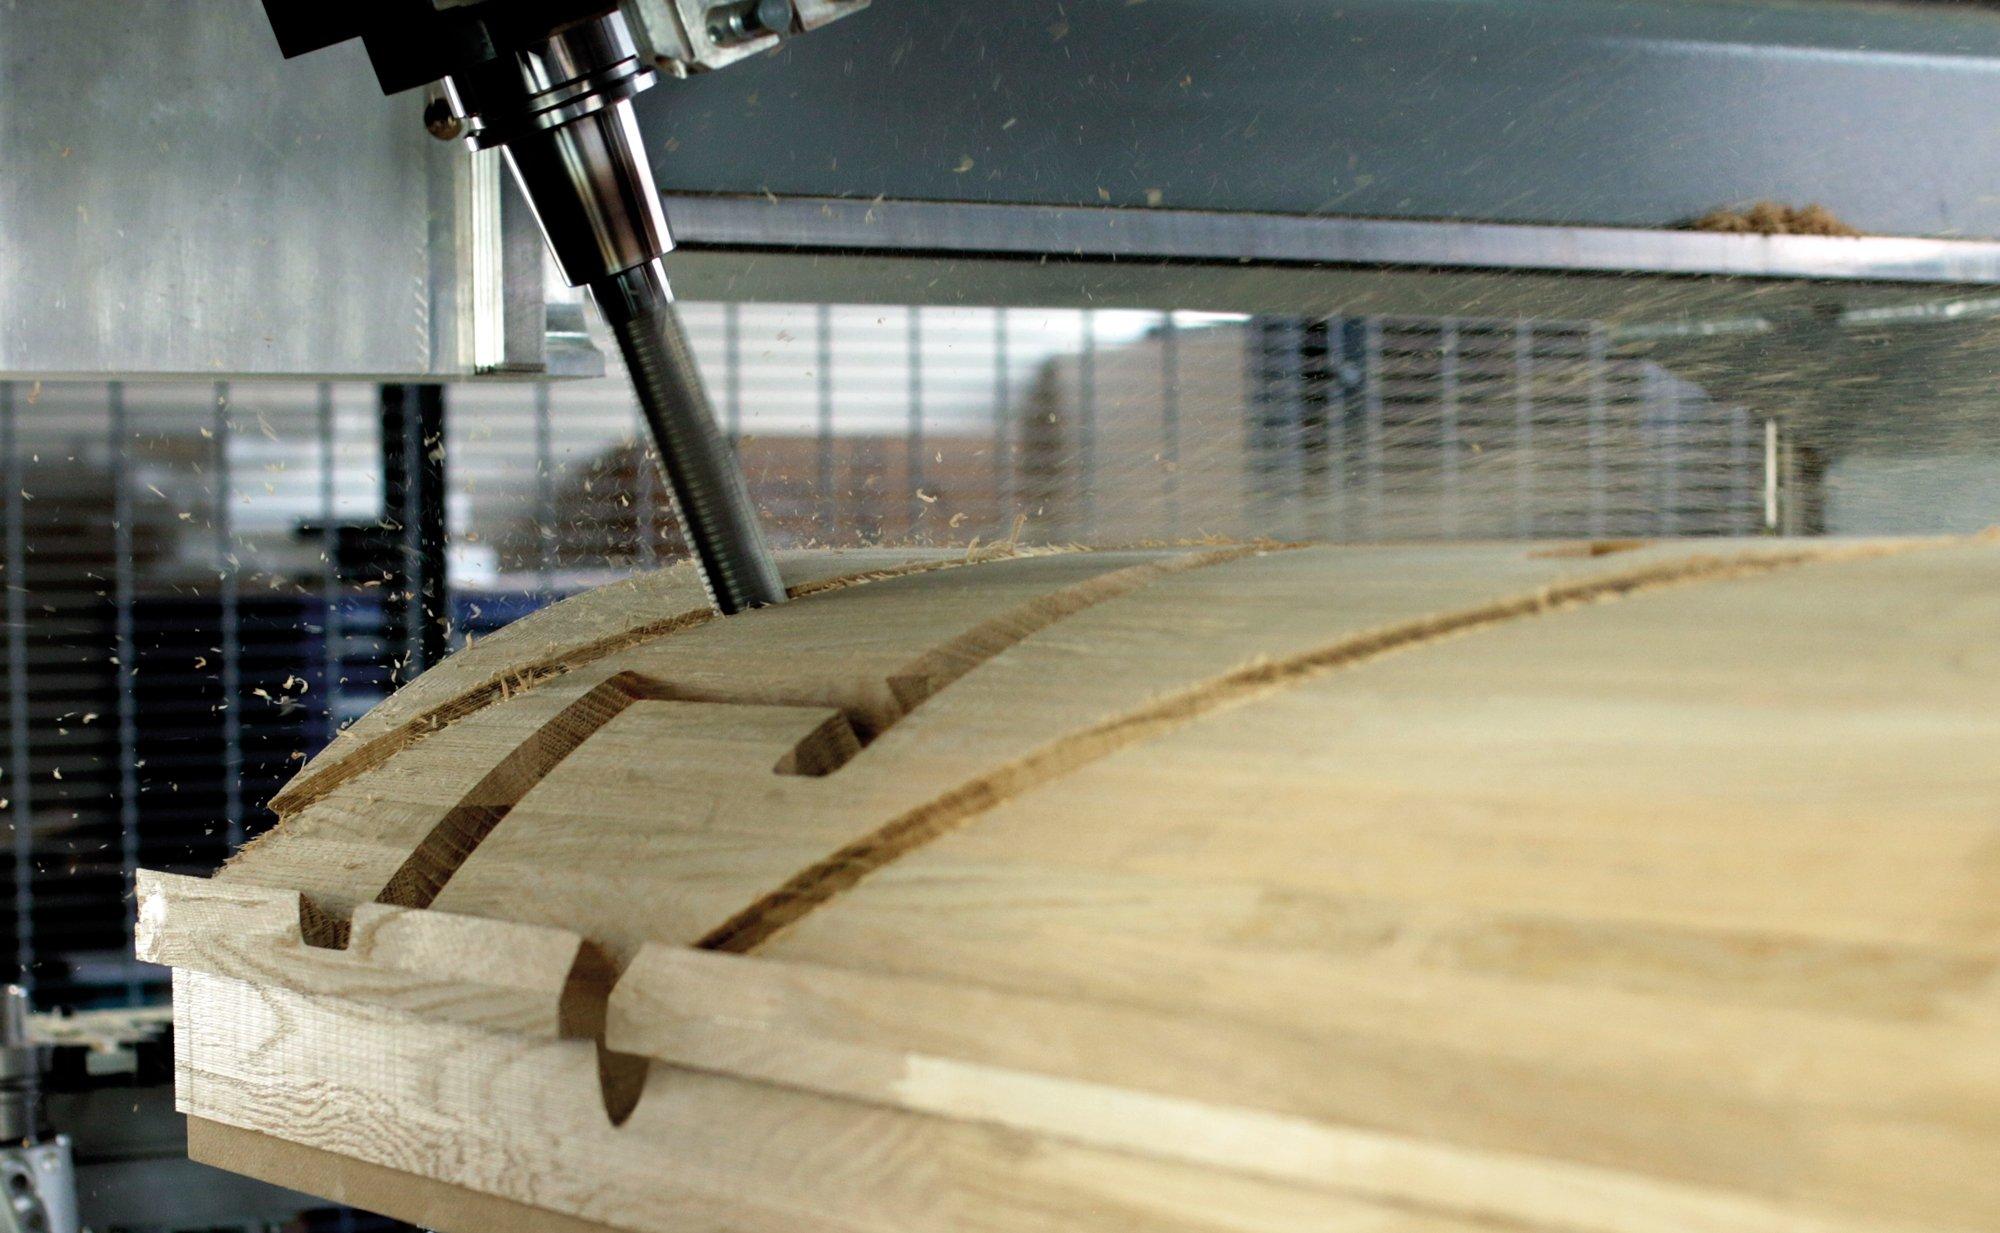 На чемпионате WorldSkills 2019 роботизированный станок с ЧПУ вырежет из дерева герб РФ